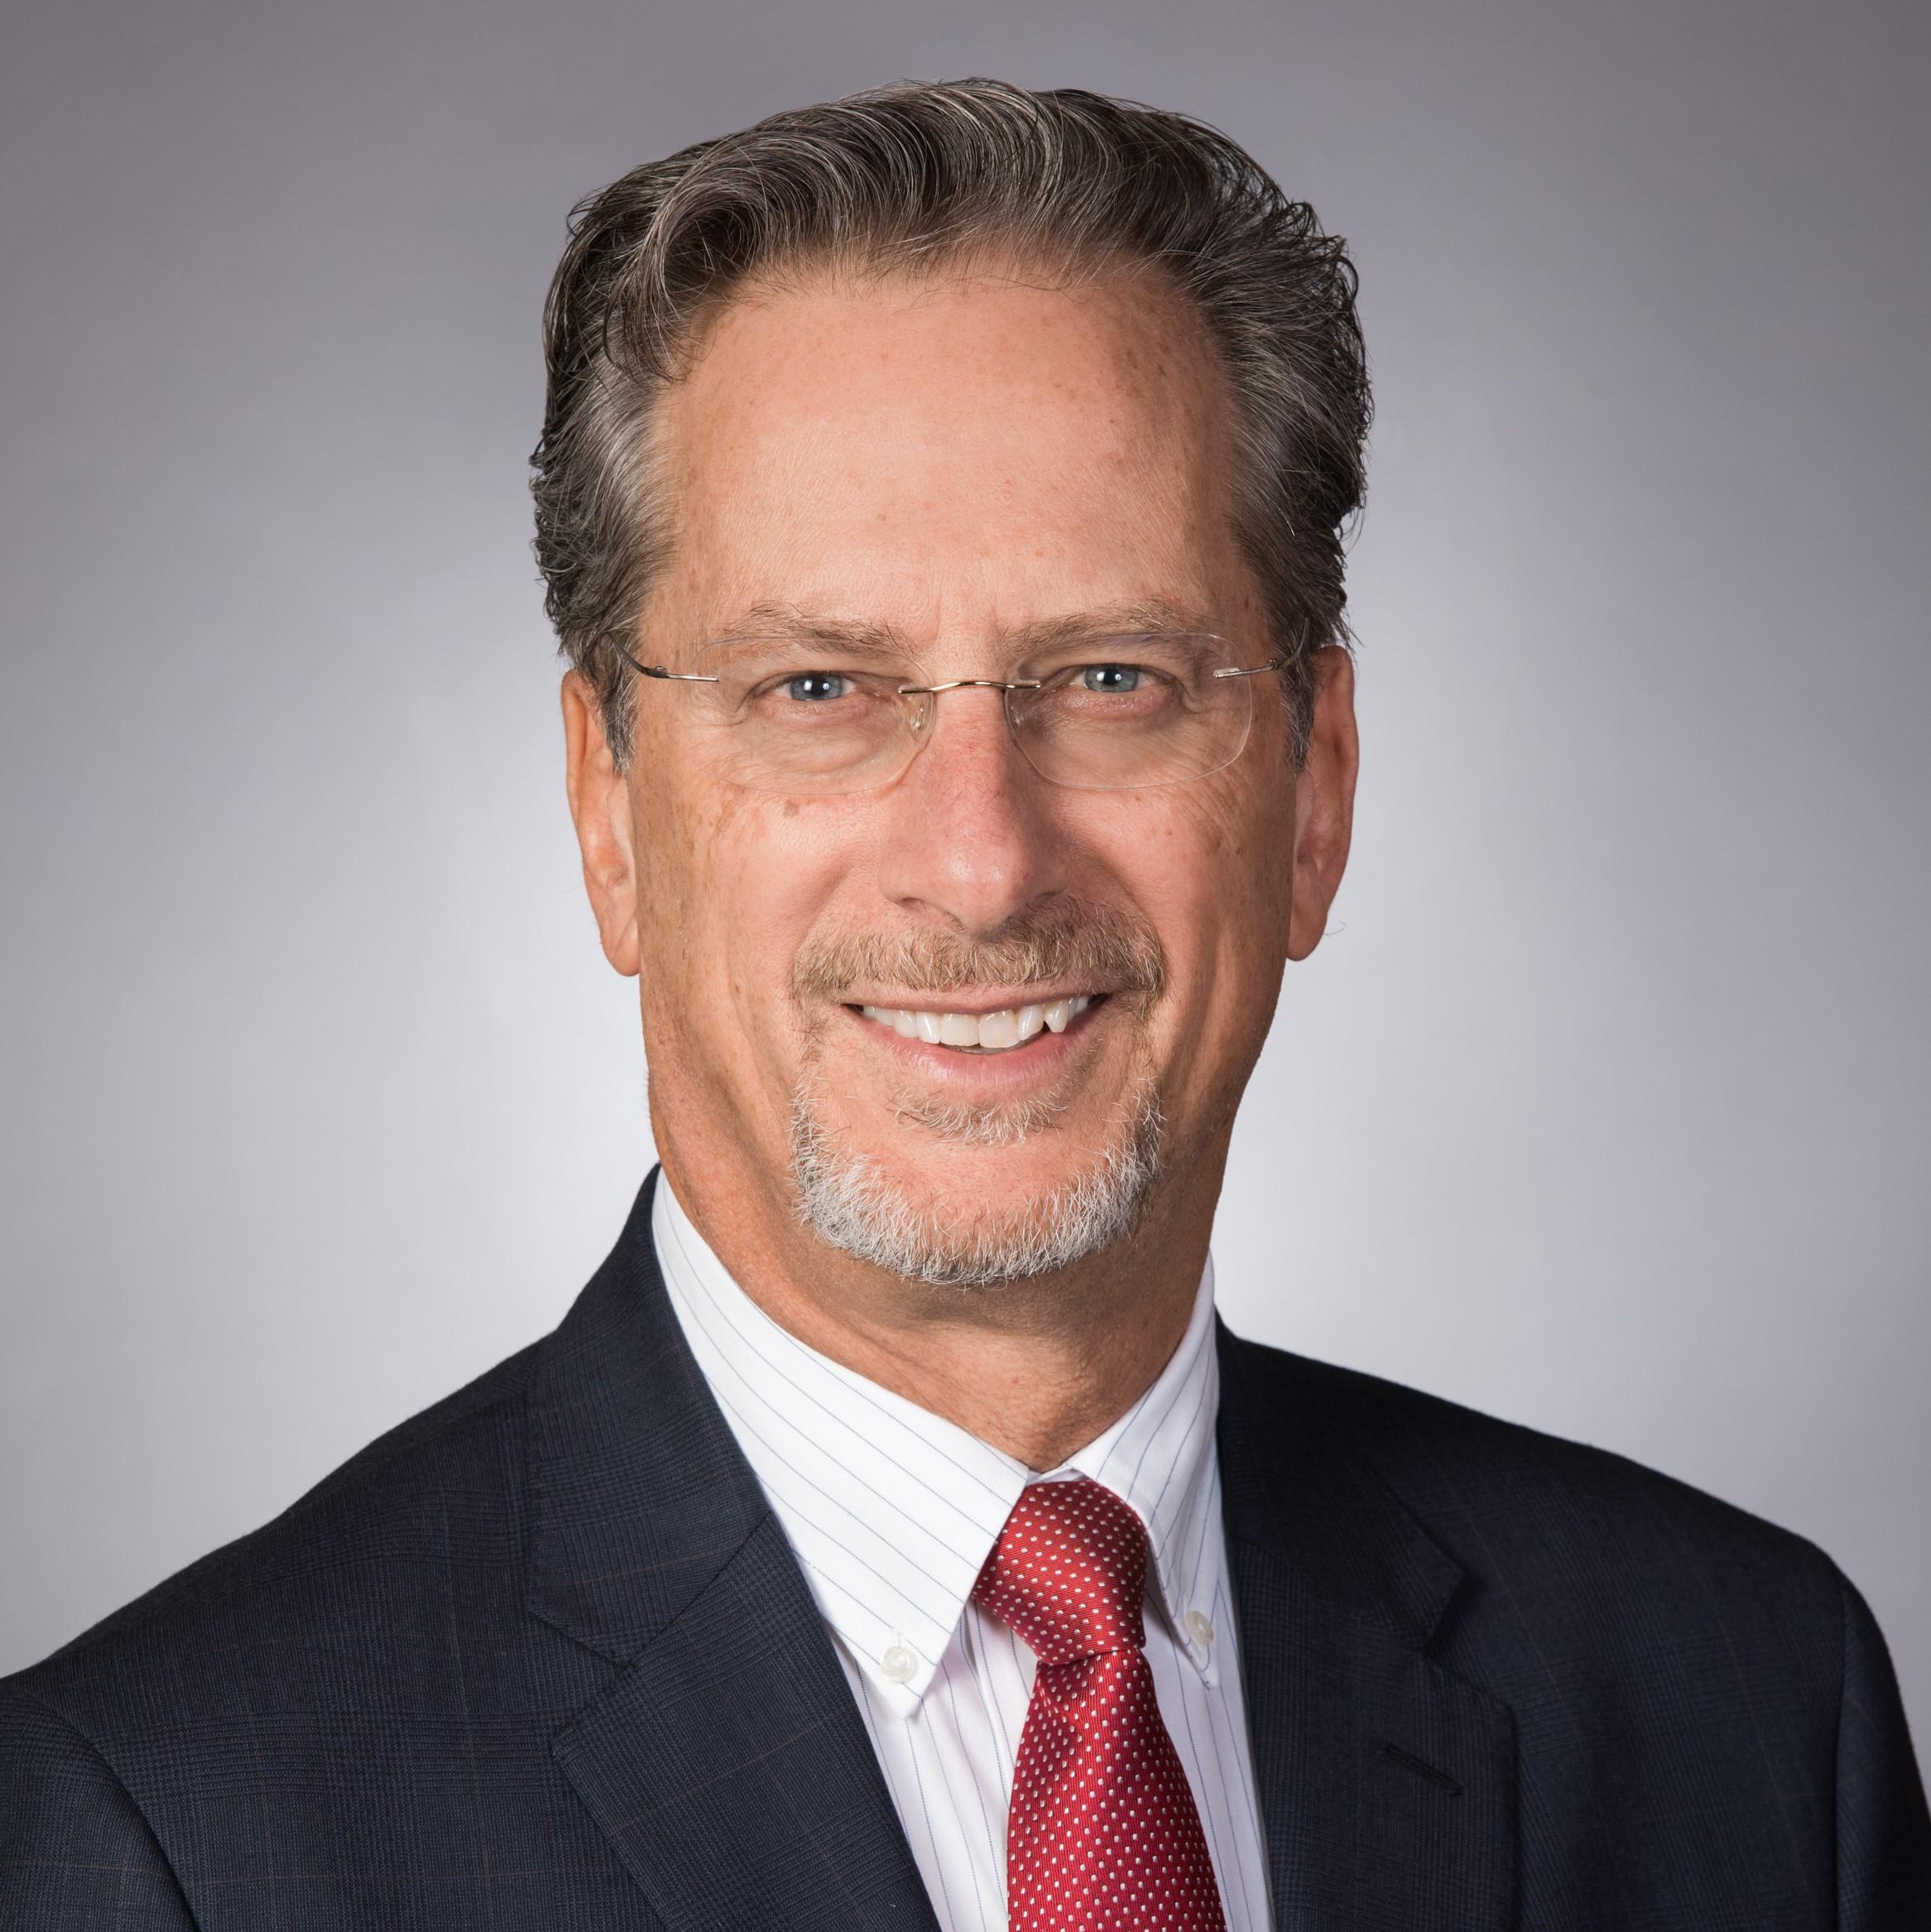 Daniel R. Meylan